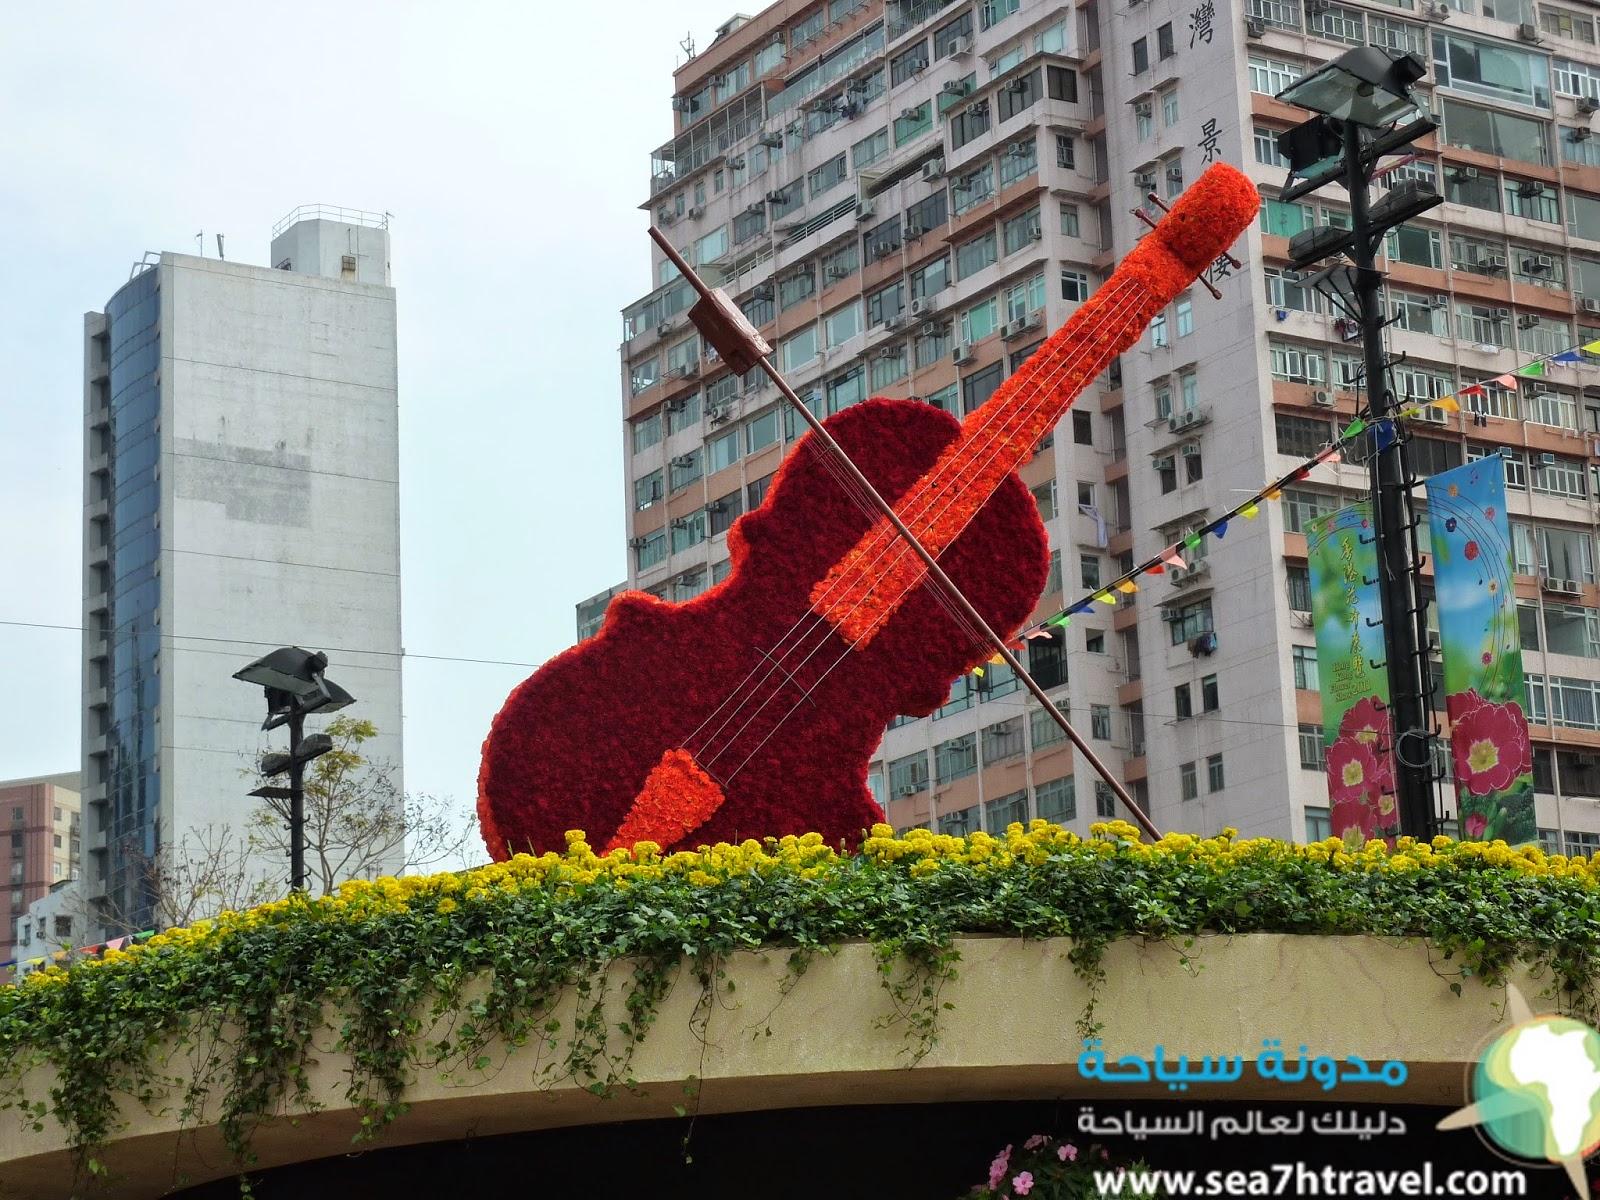 حديقة النباتات والحيوان في هونغ كونغ